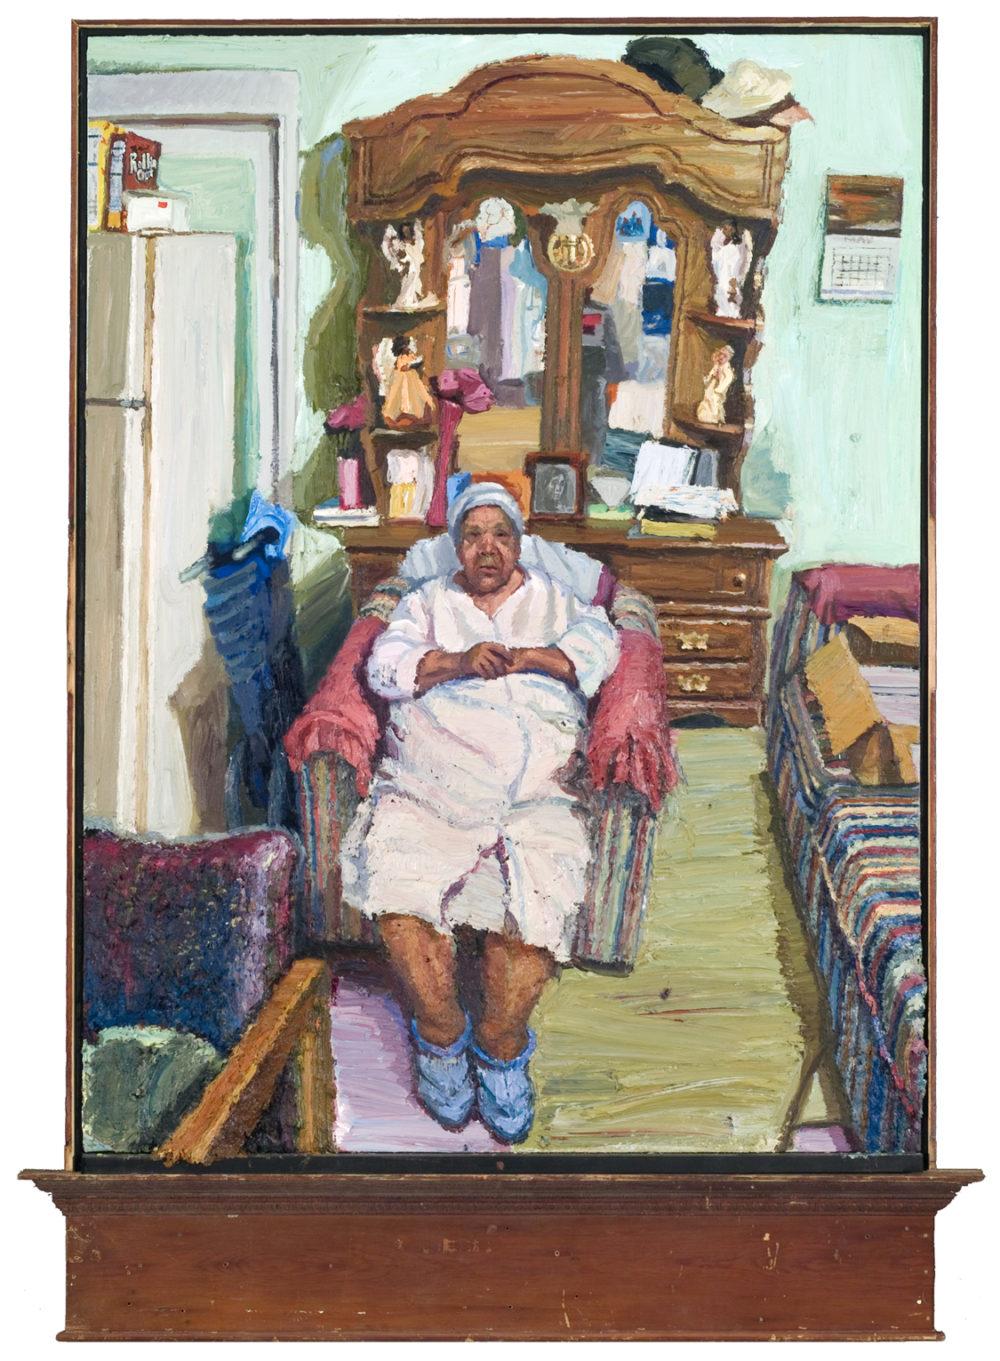 Huckaby, Sedrick_Sitting in Her Room